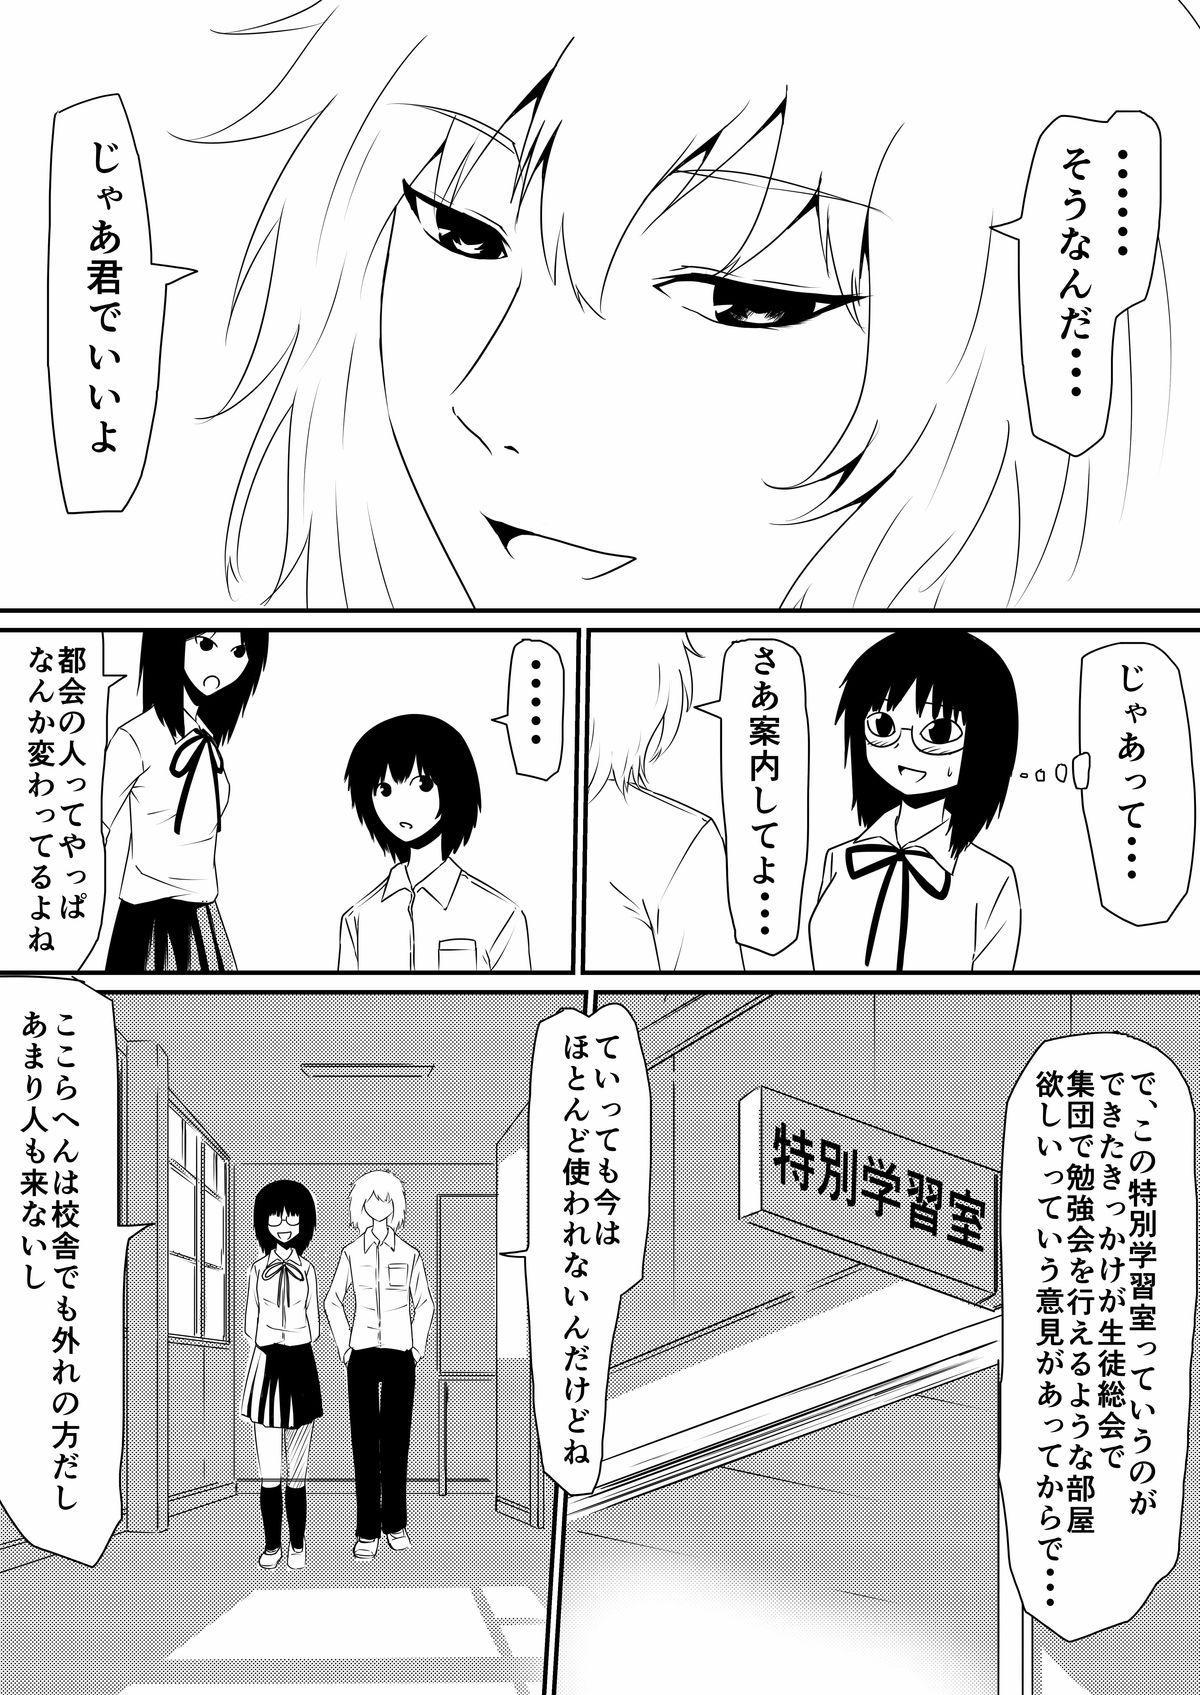 [Mikezoutei] Mashou no Chinko o Motsu Shounen ~Kare no Dankon wa Josei o Mesu e to Kaeru~ Zenpen 7